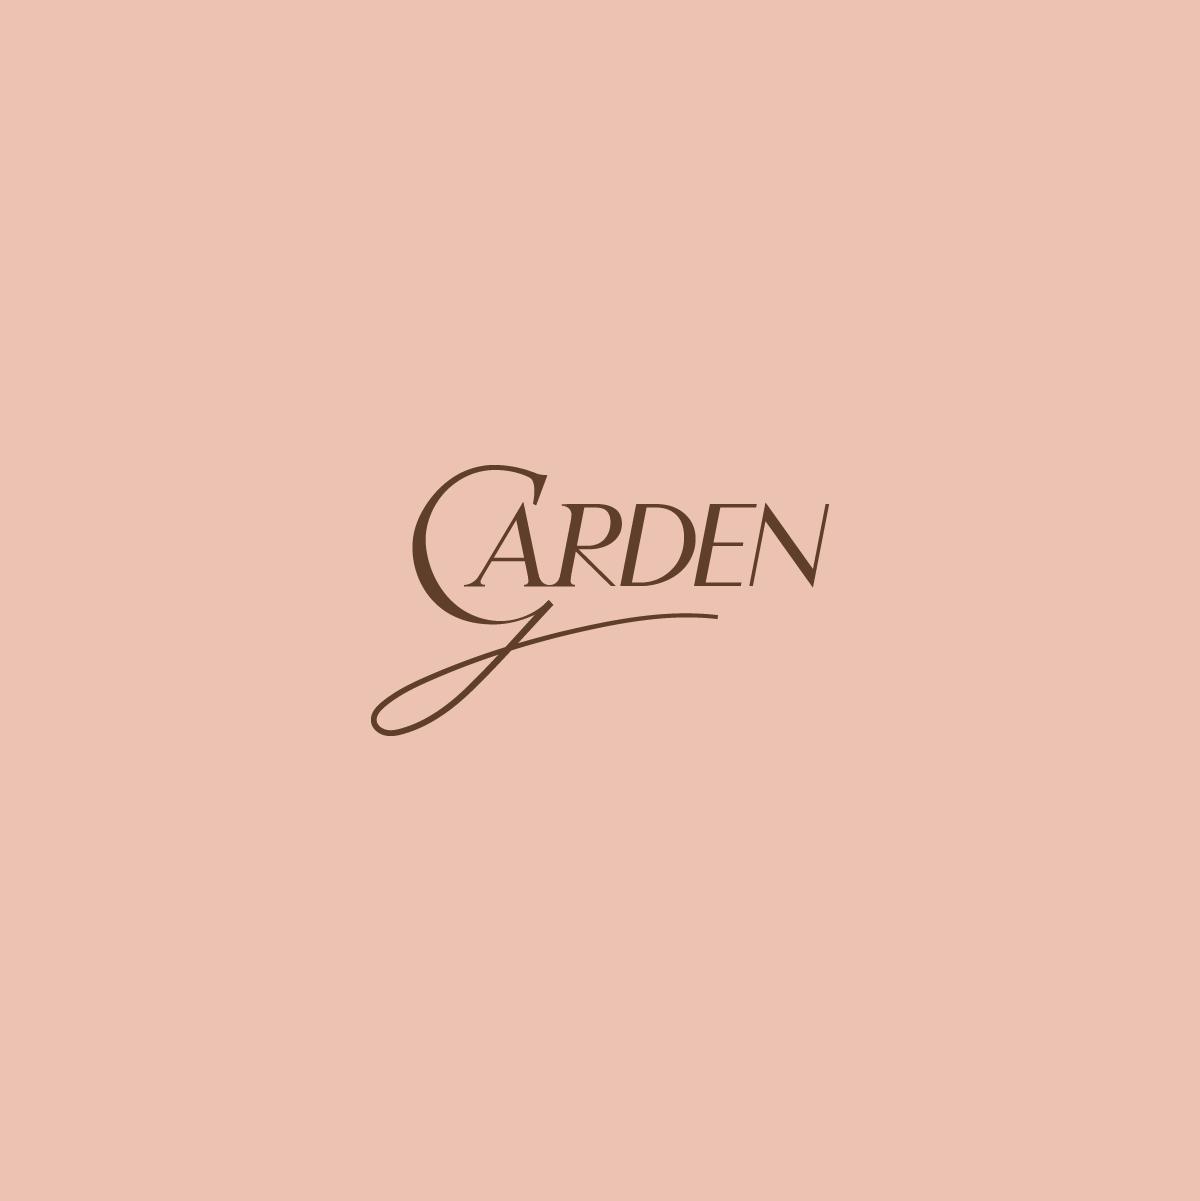 garden-logo-loolaadesigns.png